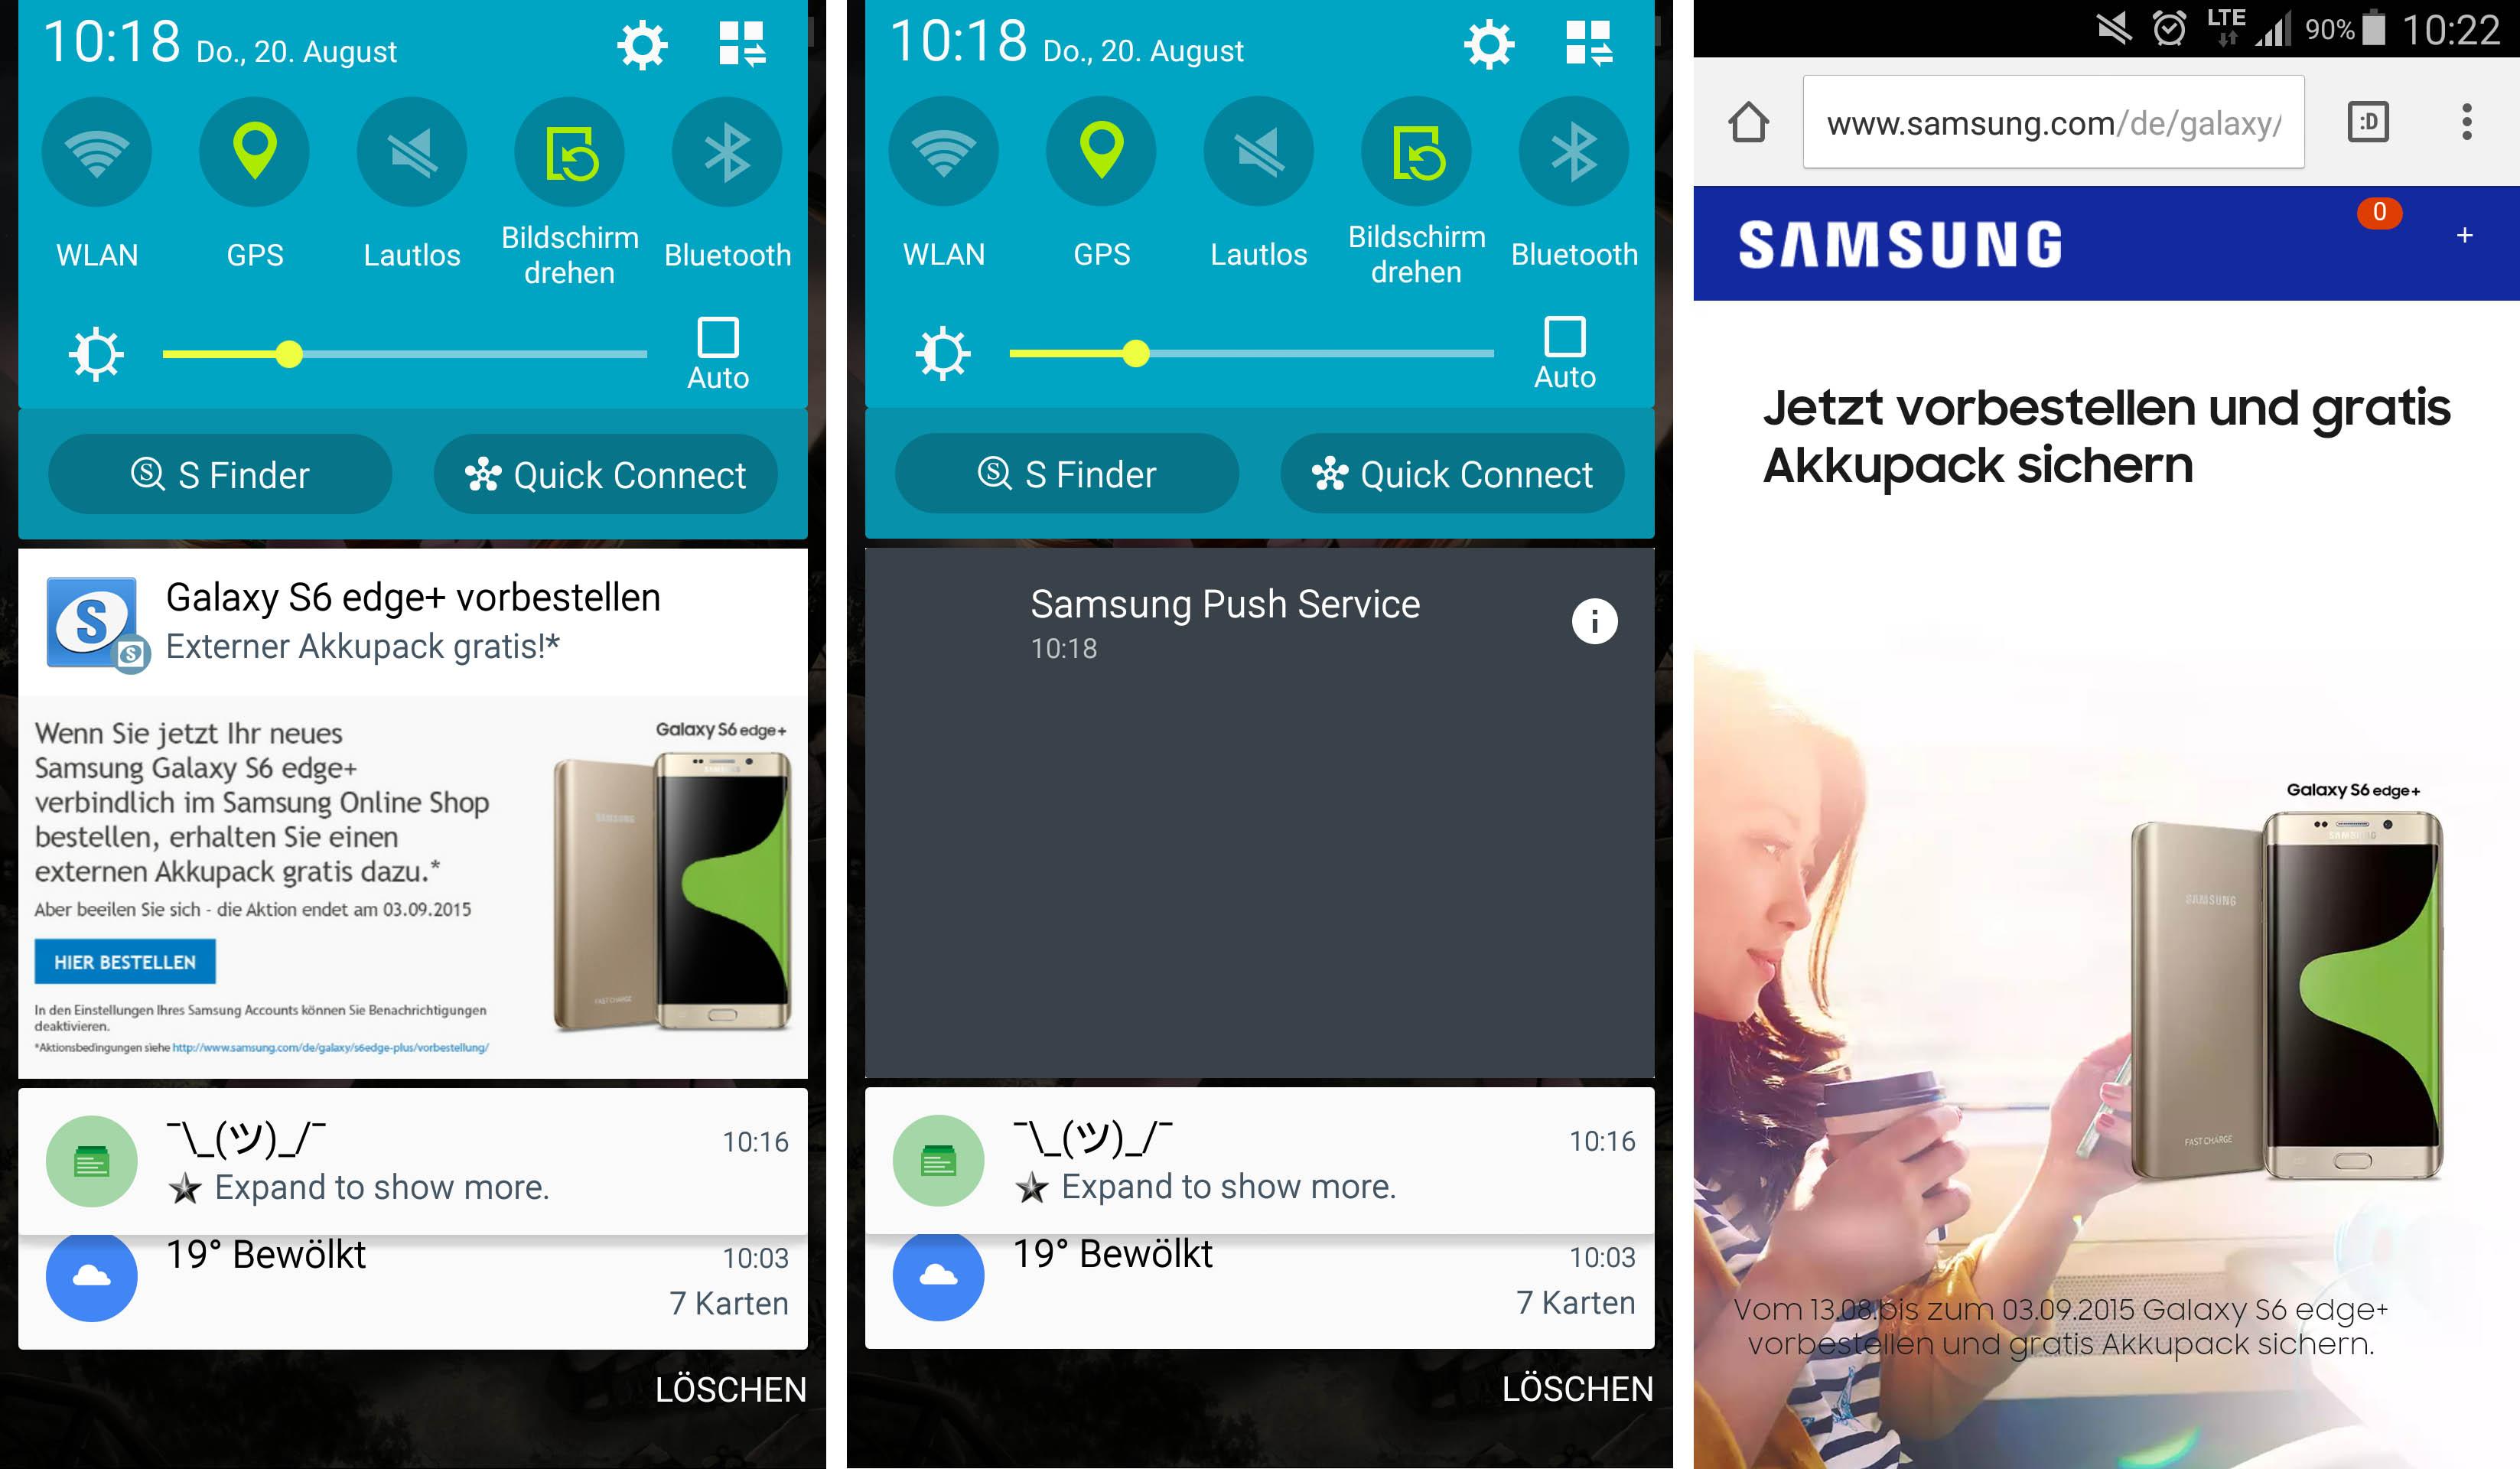 Samsung utilise les notifications pour promouvoir son Galaxy S6 Edge+